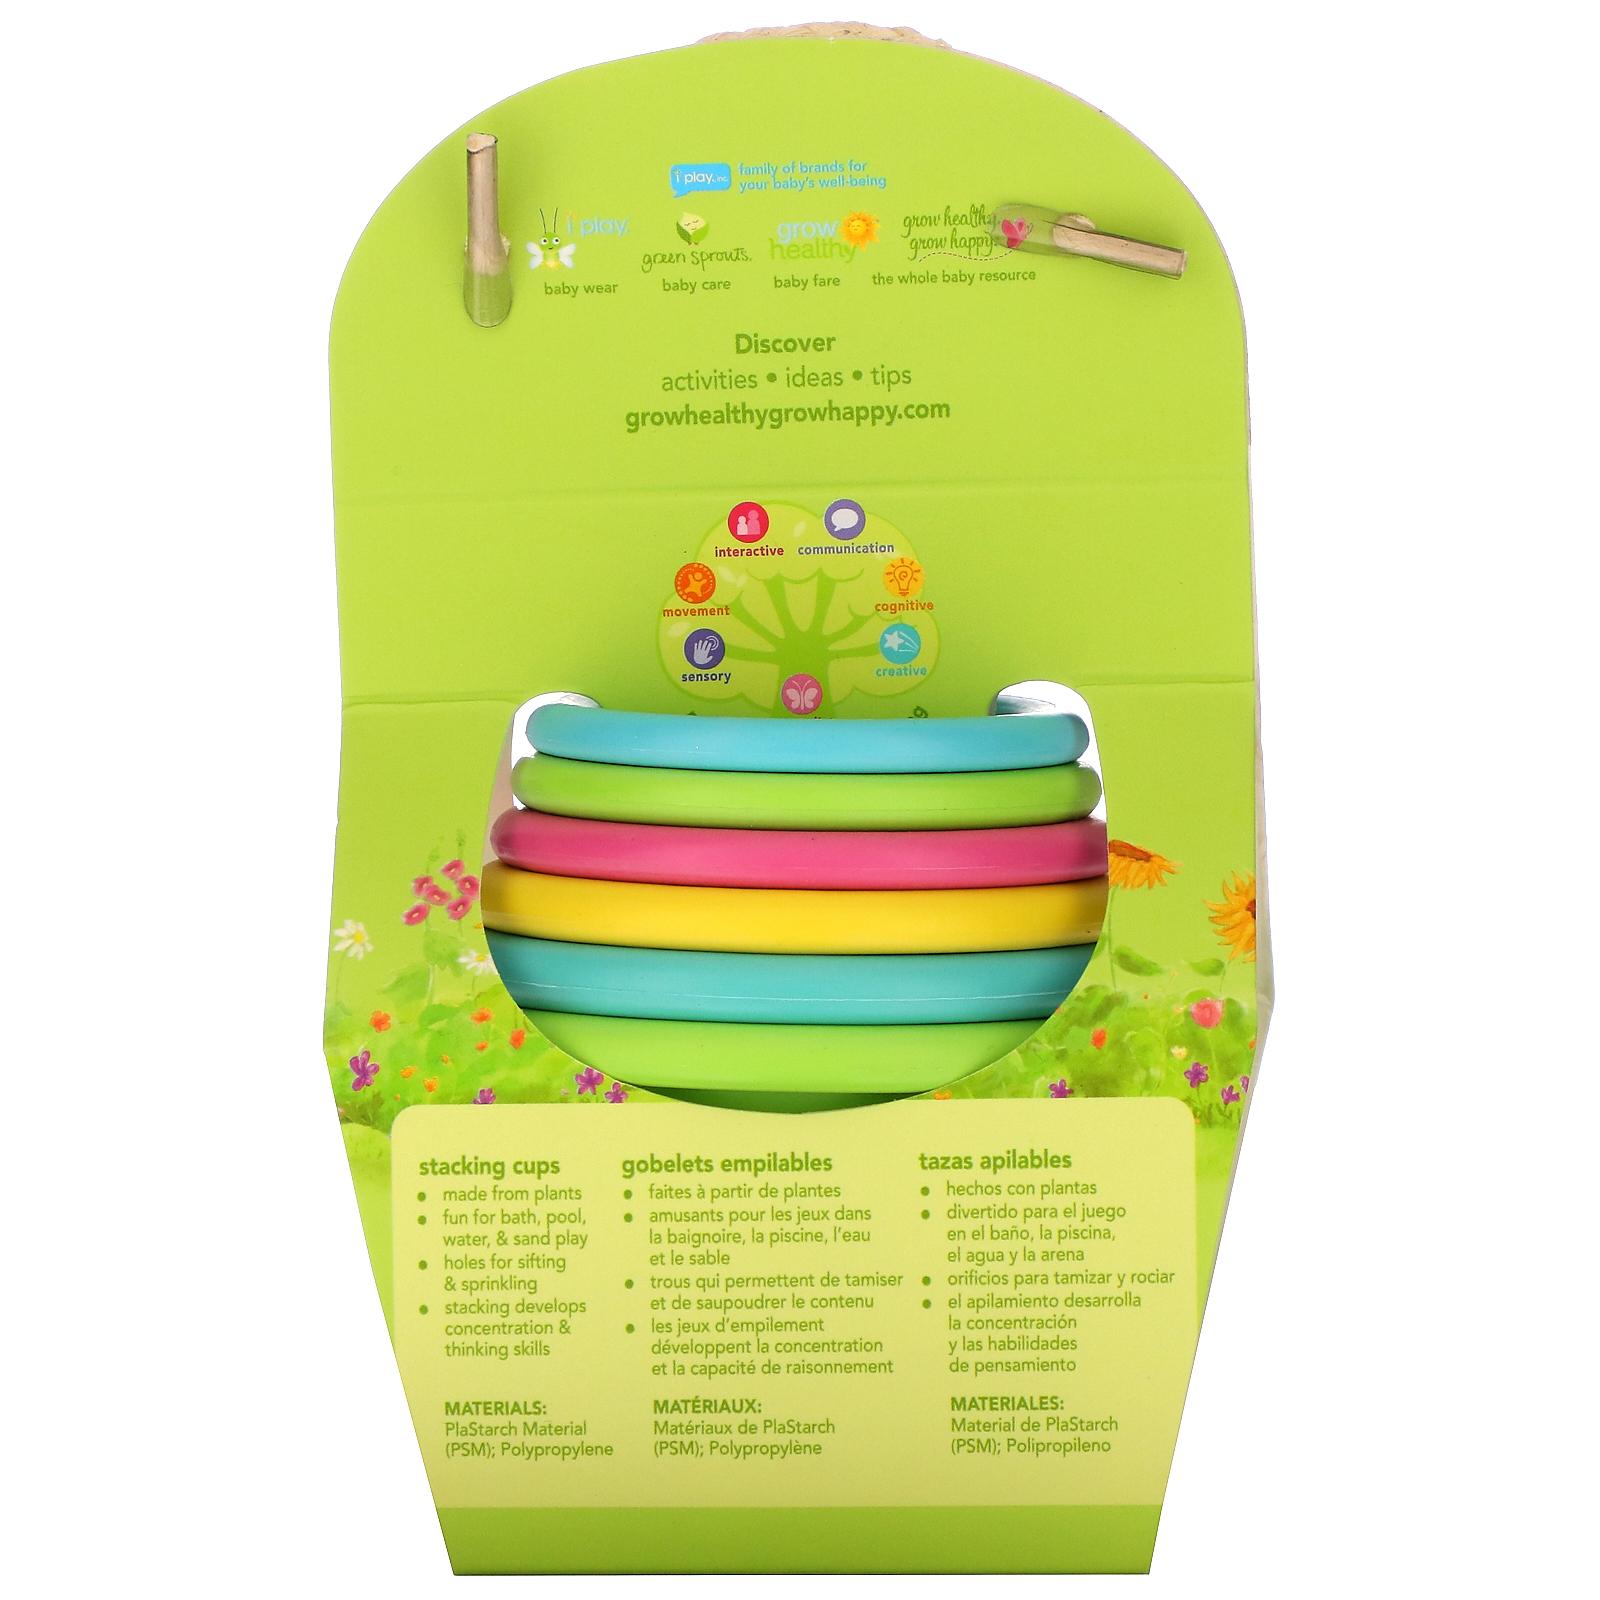 Green Sprouts cucharas 6/A 12/meses, Aqua, 2/unidades